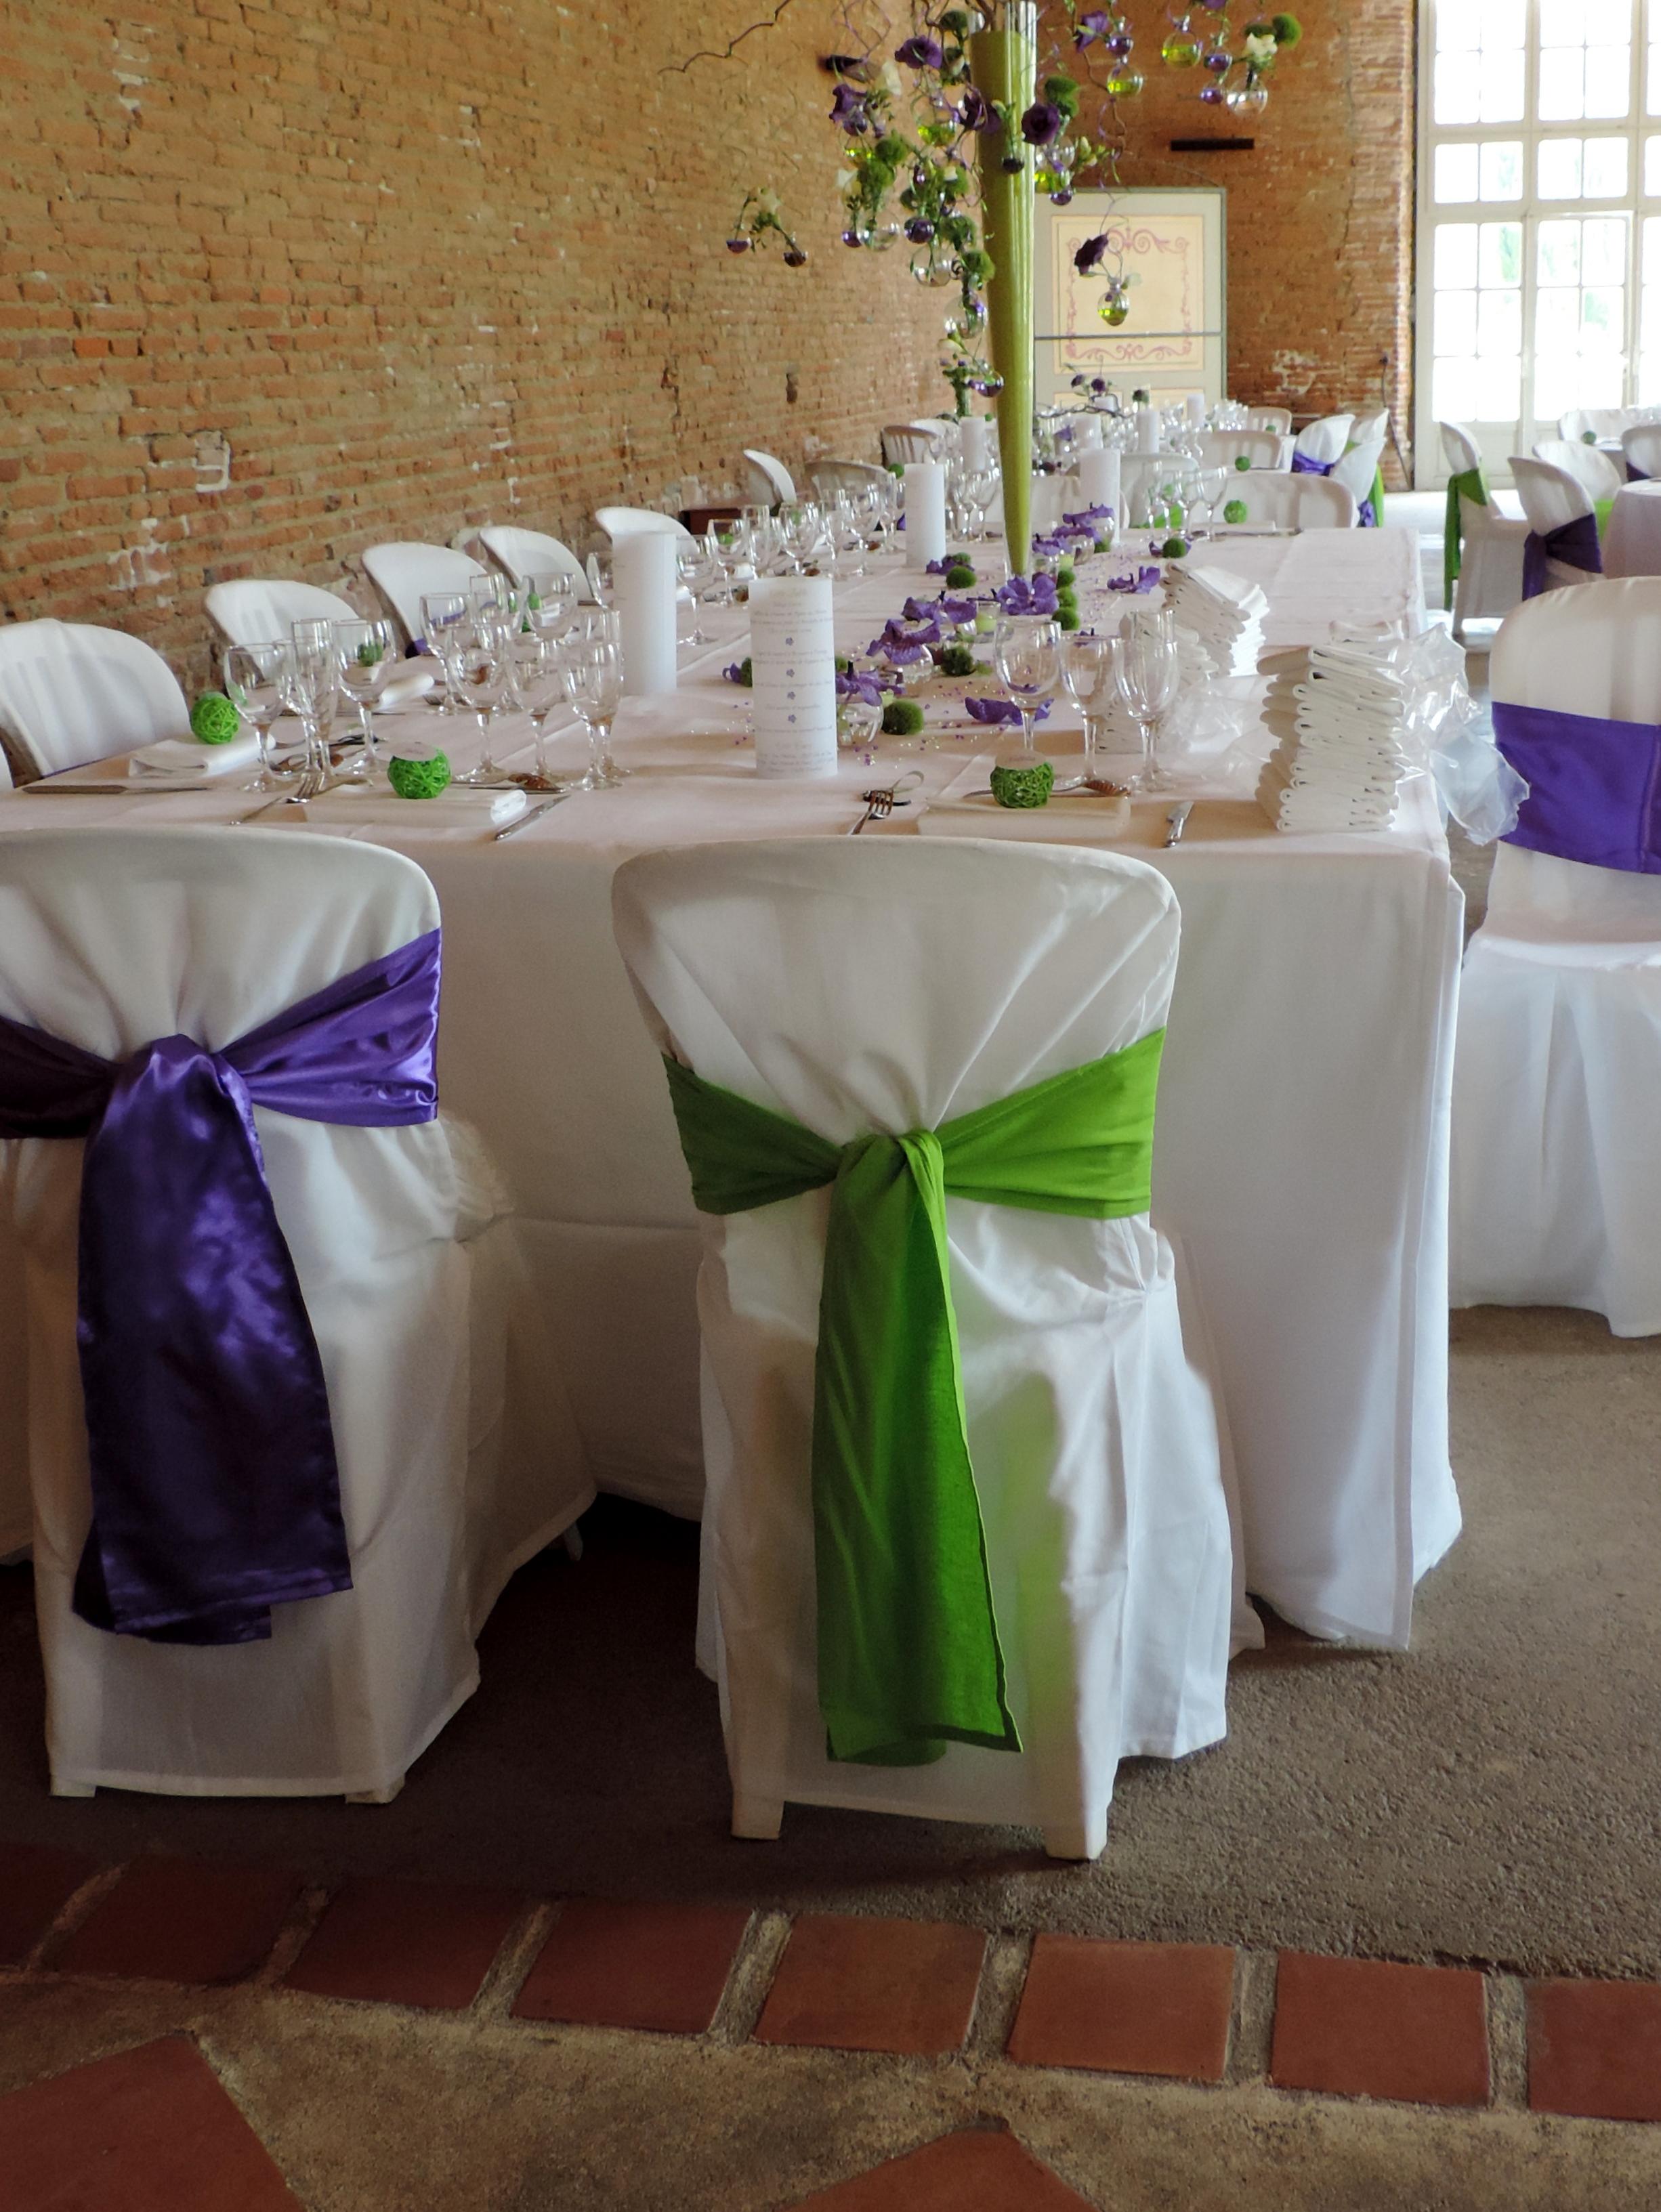 Les housses de sophie vert anis - Housse de chaise vert anis ...